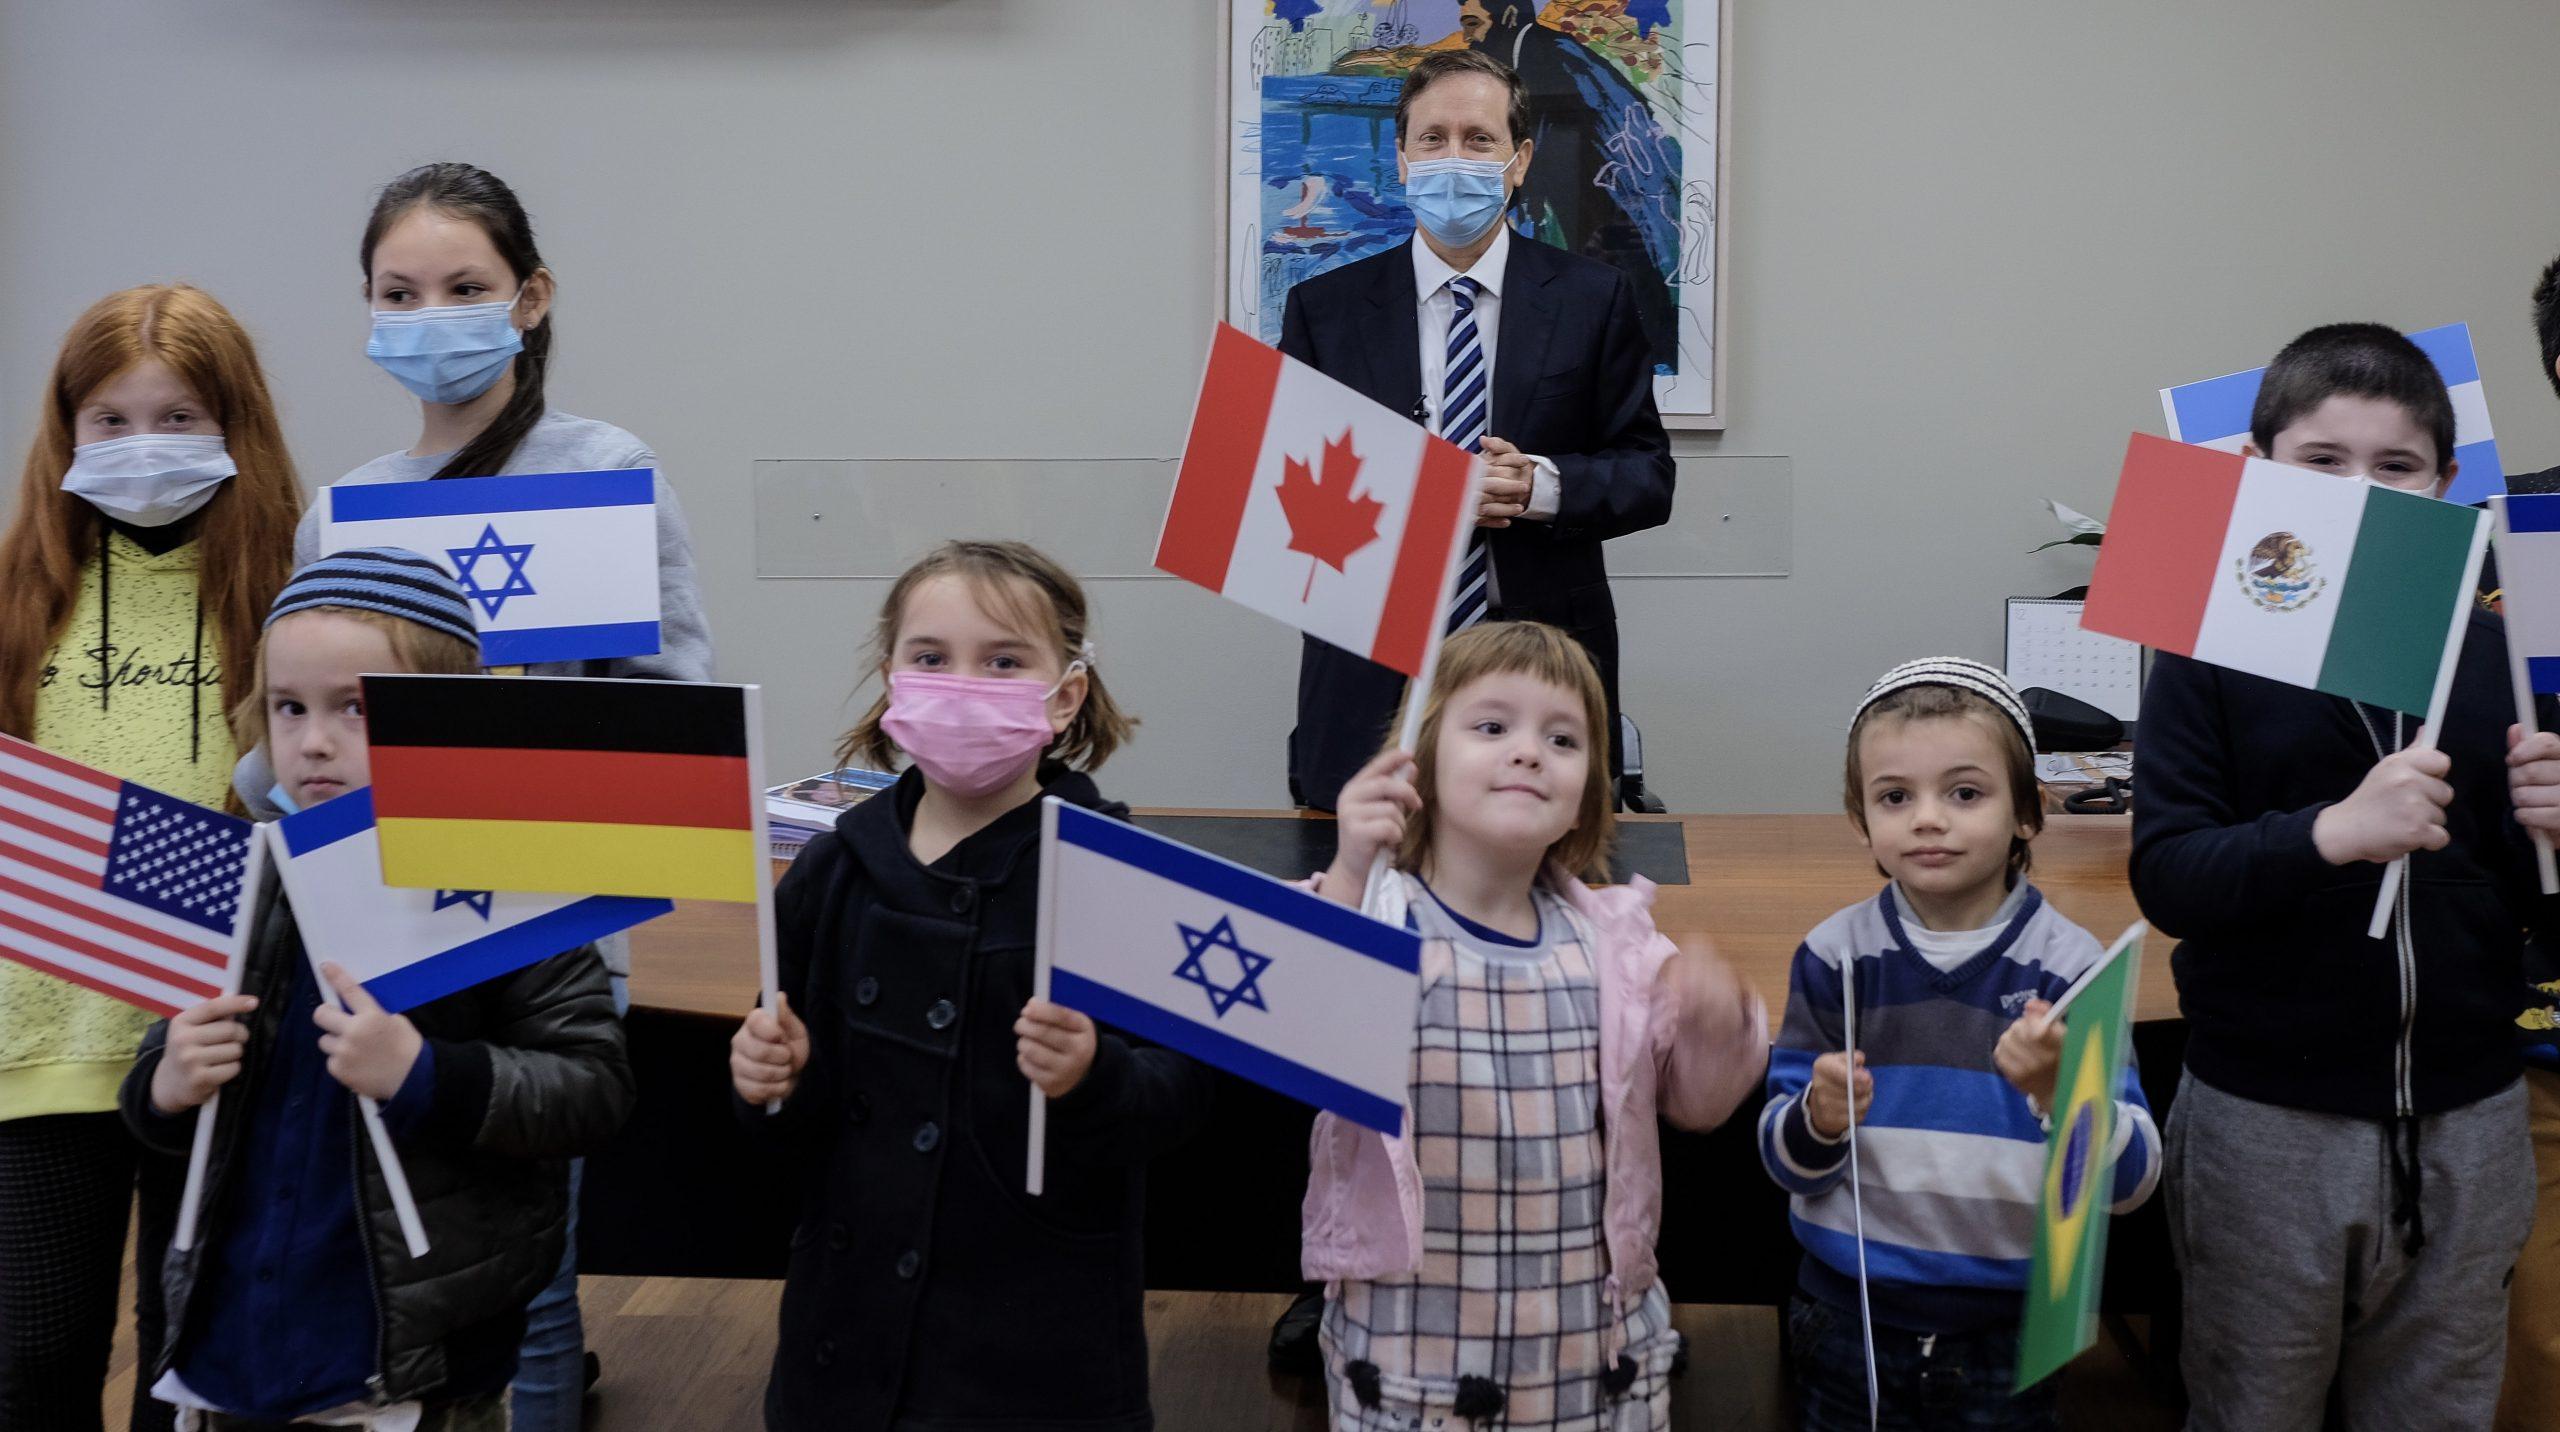 СОХНУТ статистика: 20 000 евреев репатриировались в Израиль в год коронокризиса. Фото Давид Салем, предоставлено пресс-службой СОХНУТ